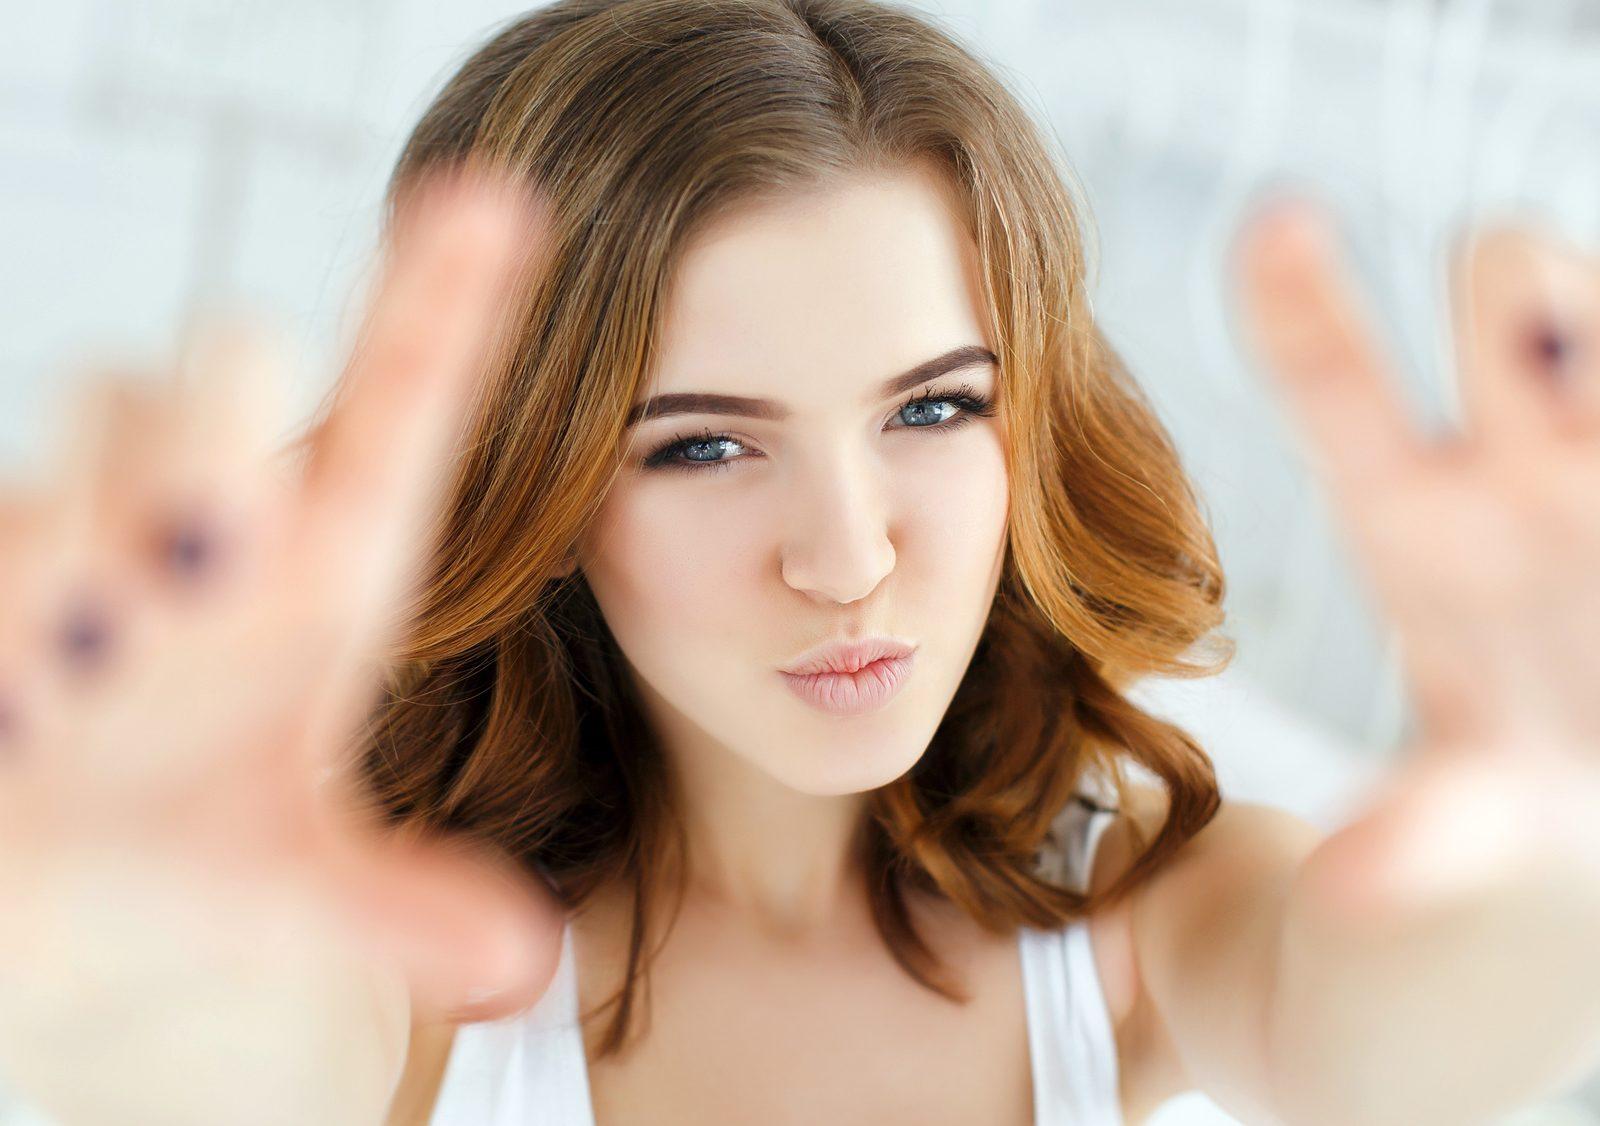 自律神経を整える「4つの習慣」医師の実践テクとは